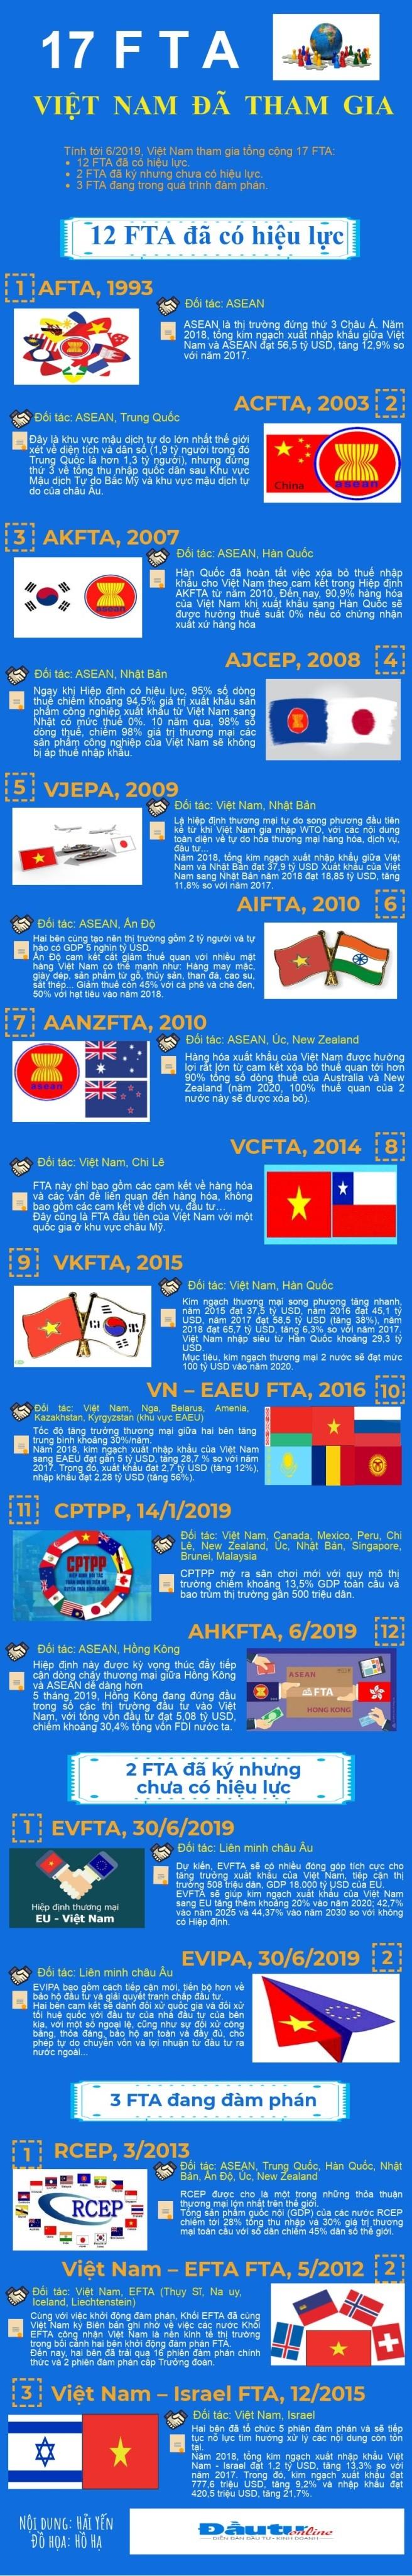 [Infogaphic] Toàn cảnh các FTA Việt Nam đã tham gia ảnh 1